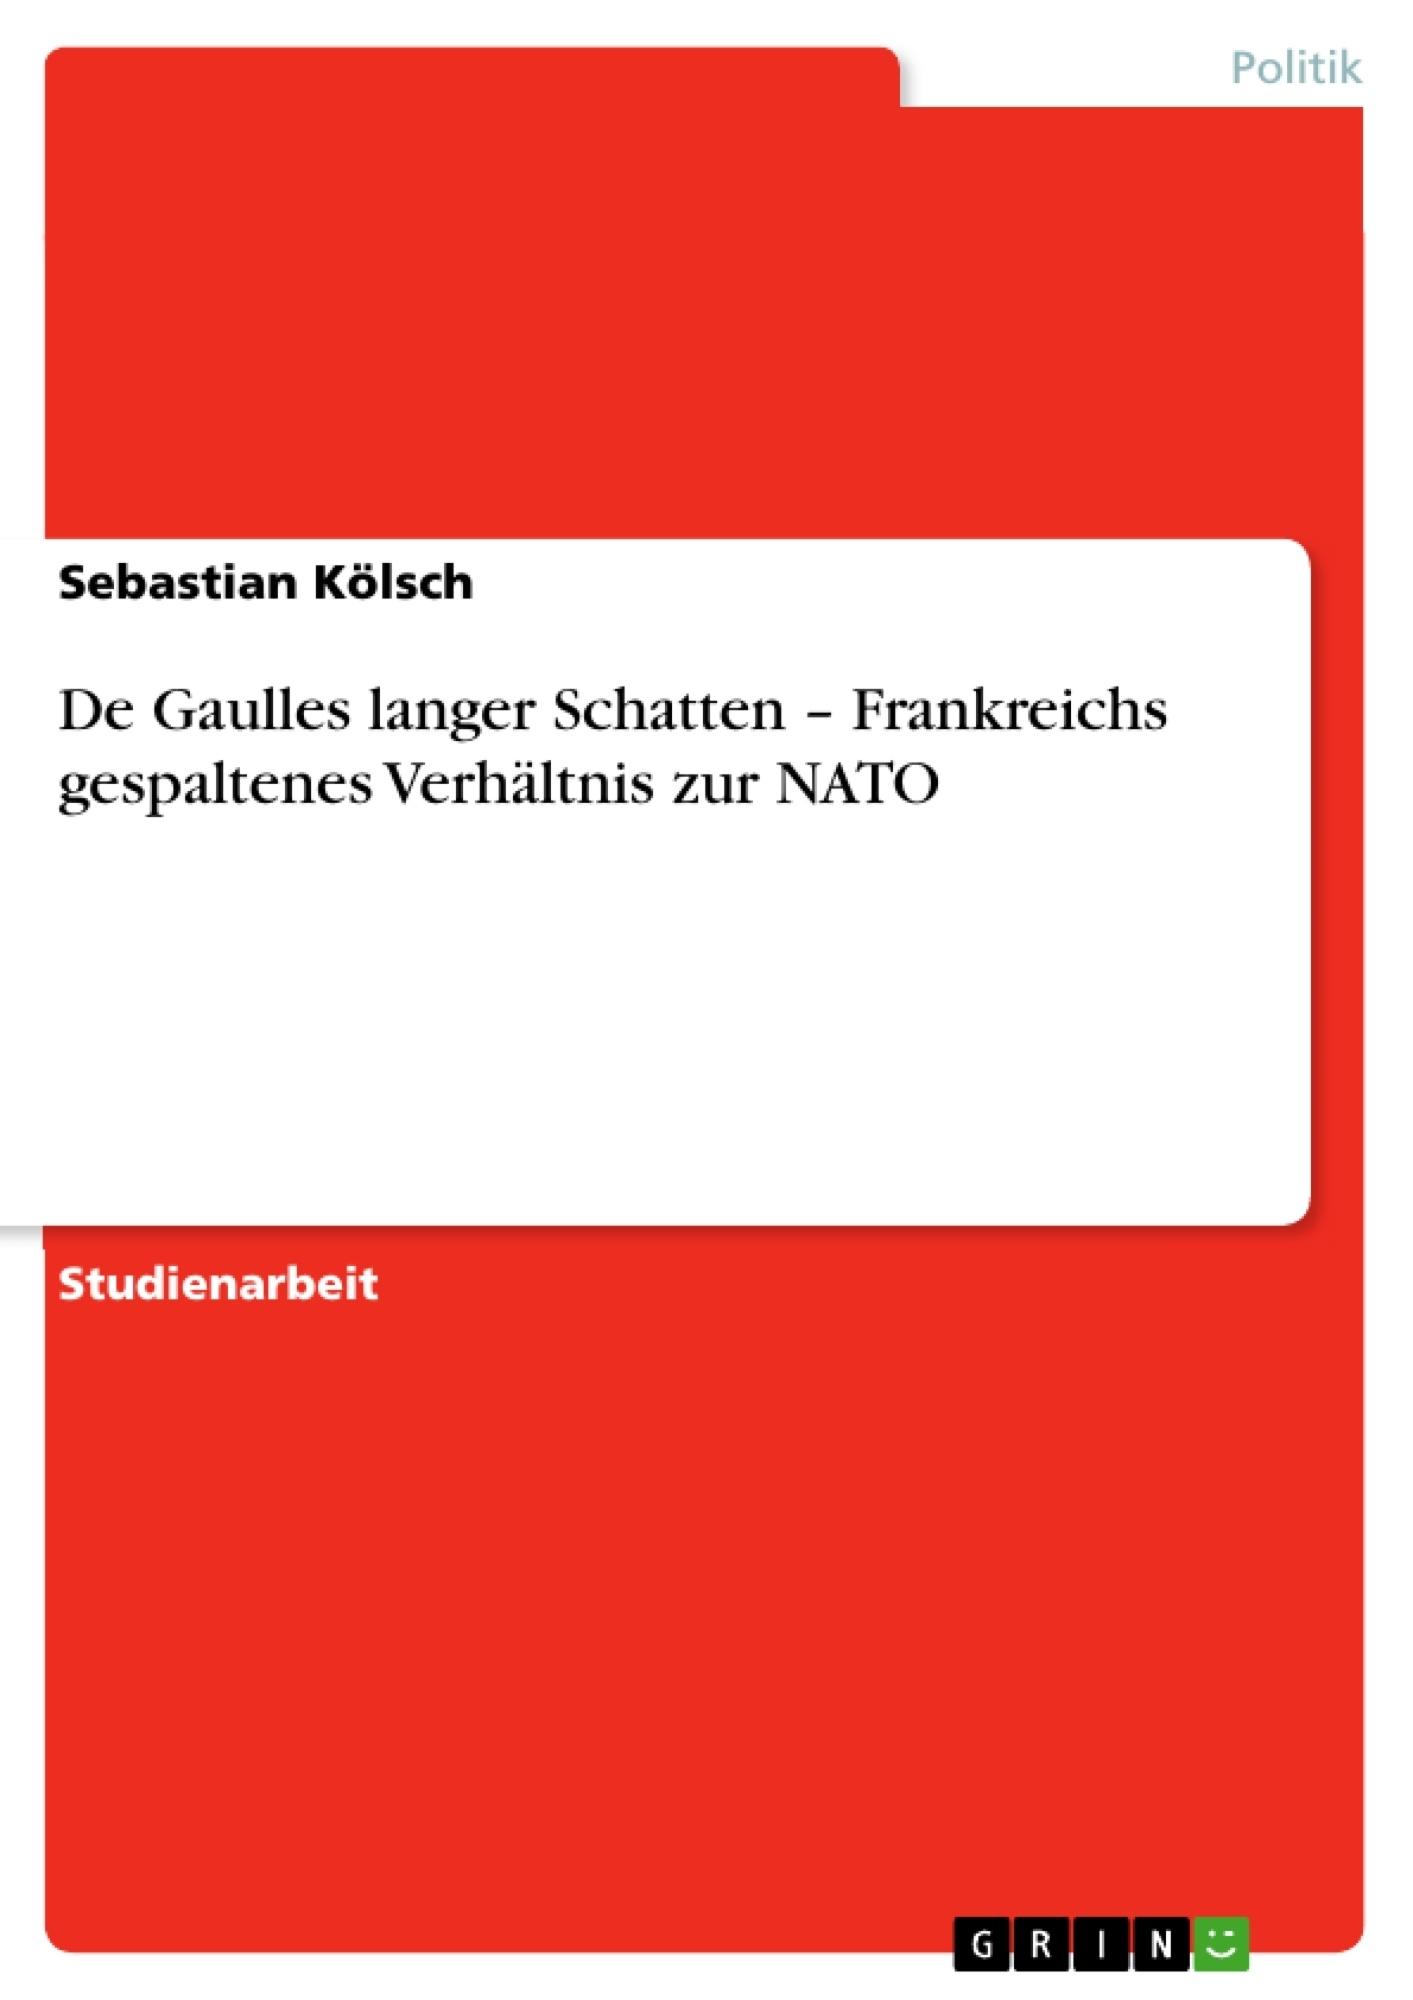 Titel: De Gaulles langer Schatten – Frankreichs gespaltenes Verhältnis zur NATO